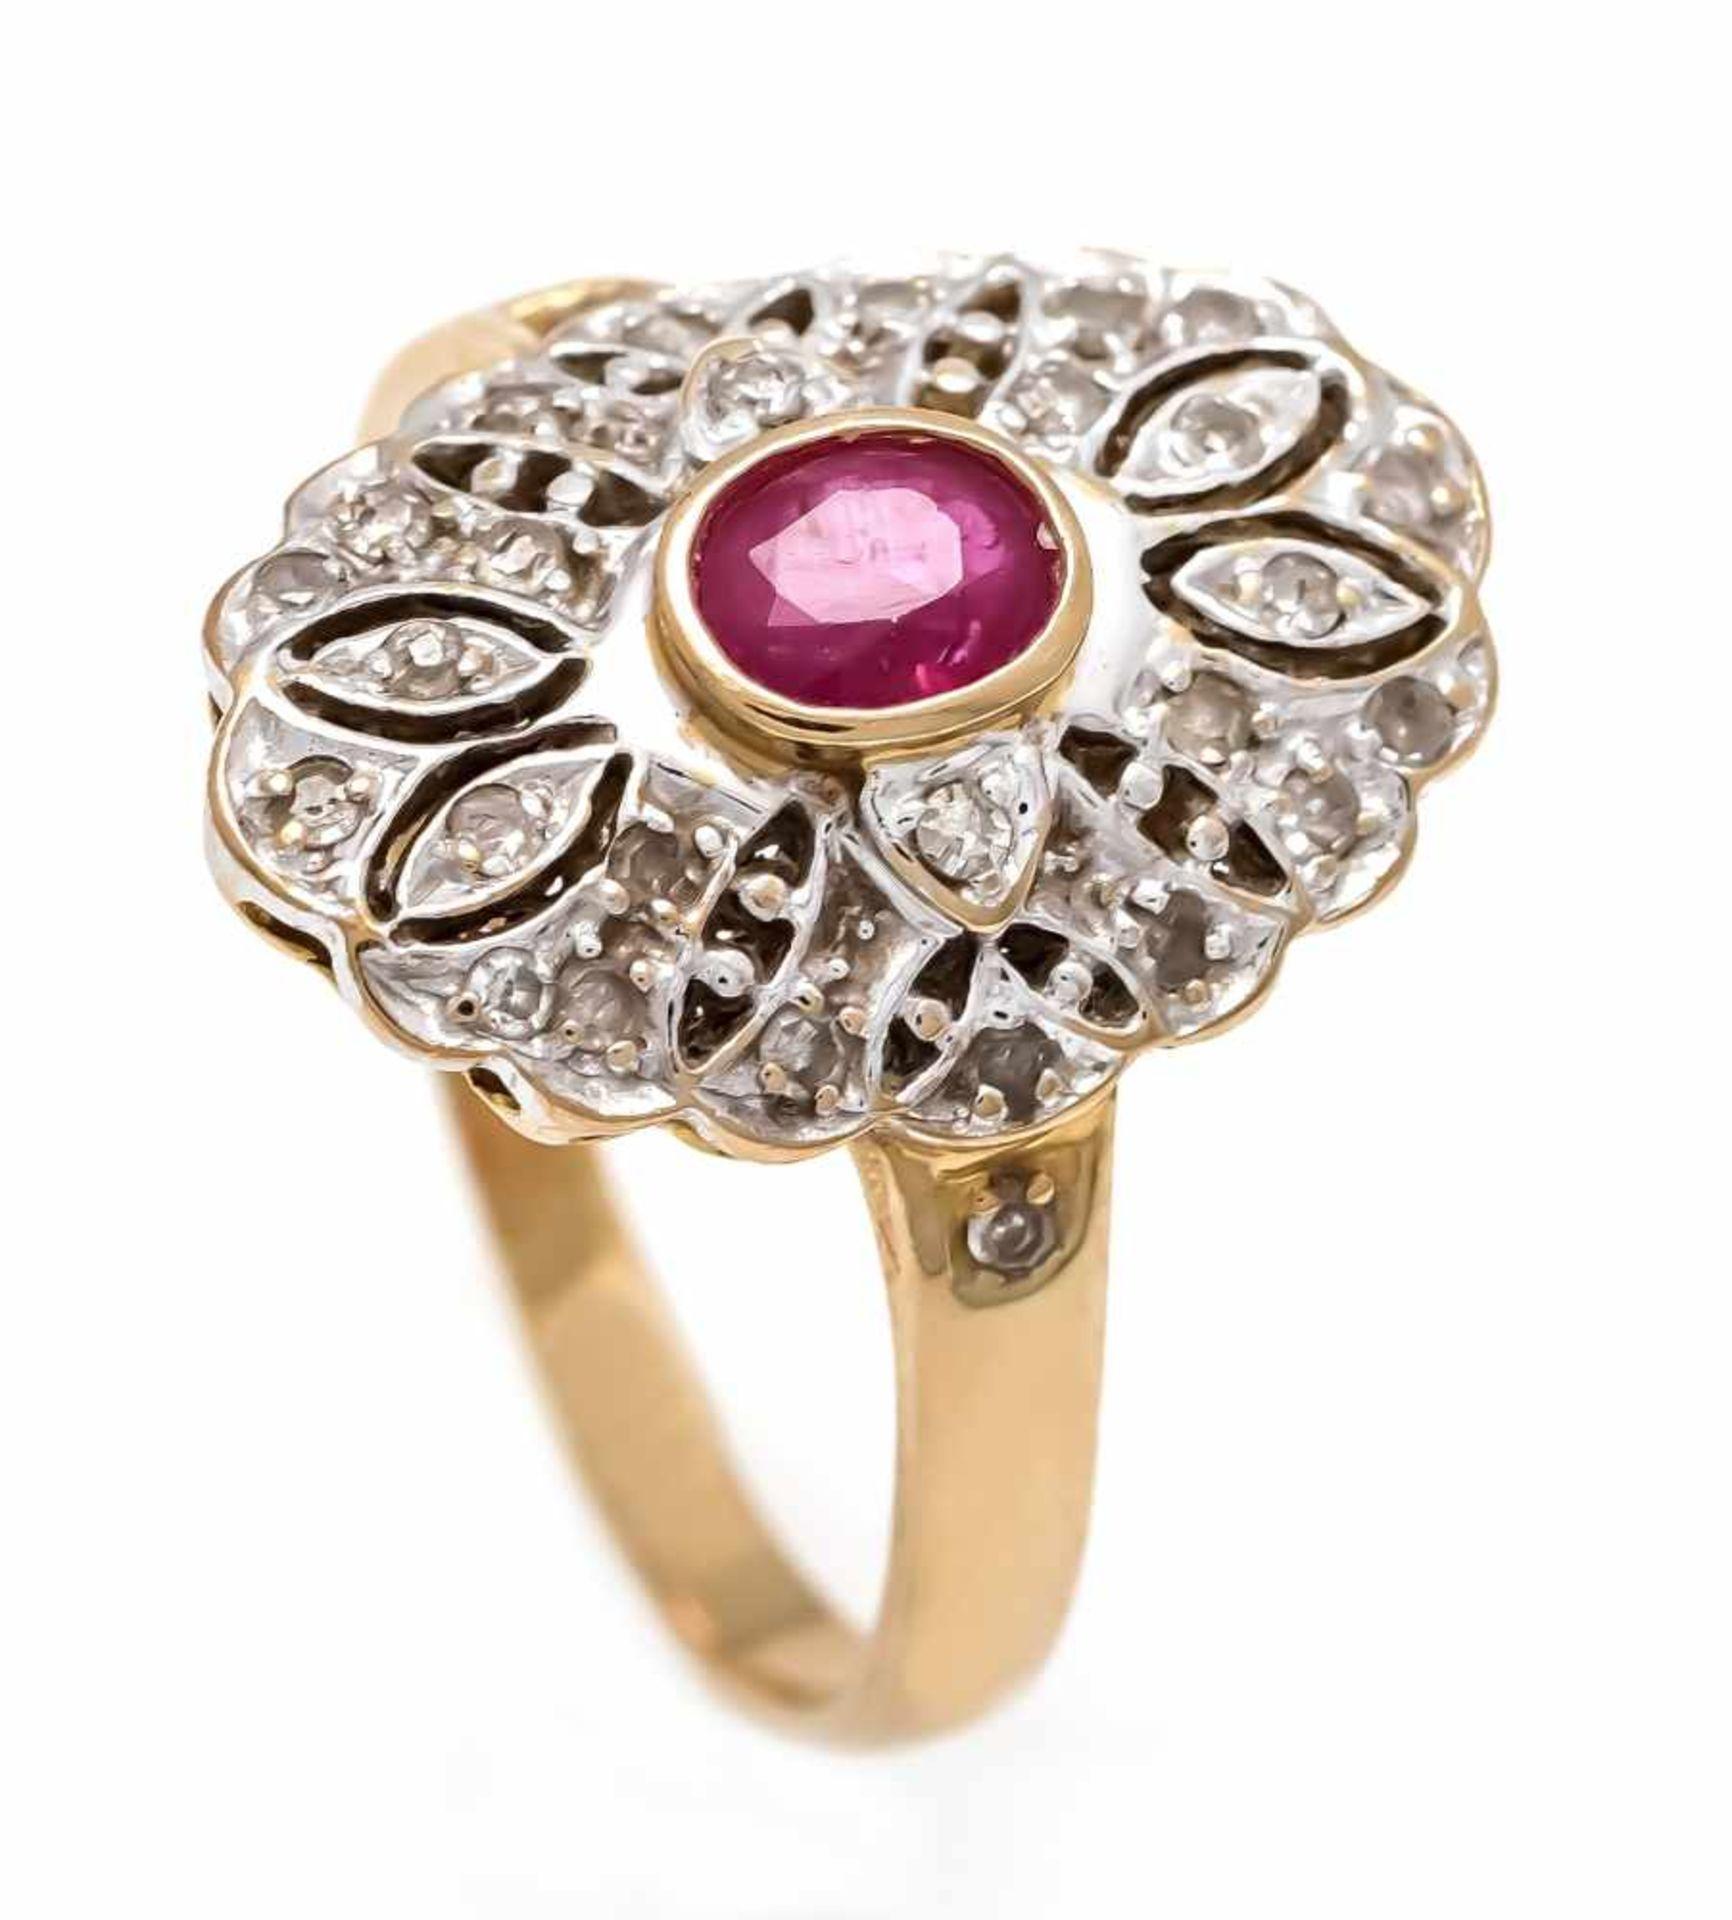 Rubin-Diamant-Ring GG/WG 585/000 mit einem feinen oval fac. Rubin 4 x 3 mm in guter Farbeund